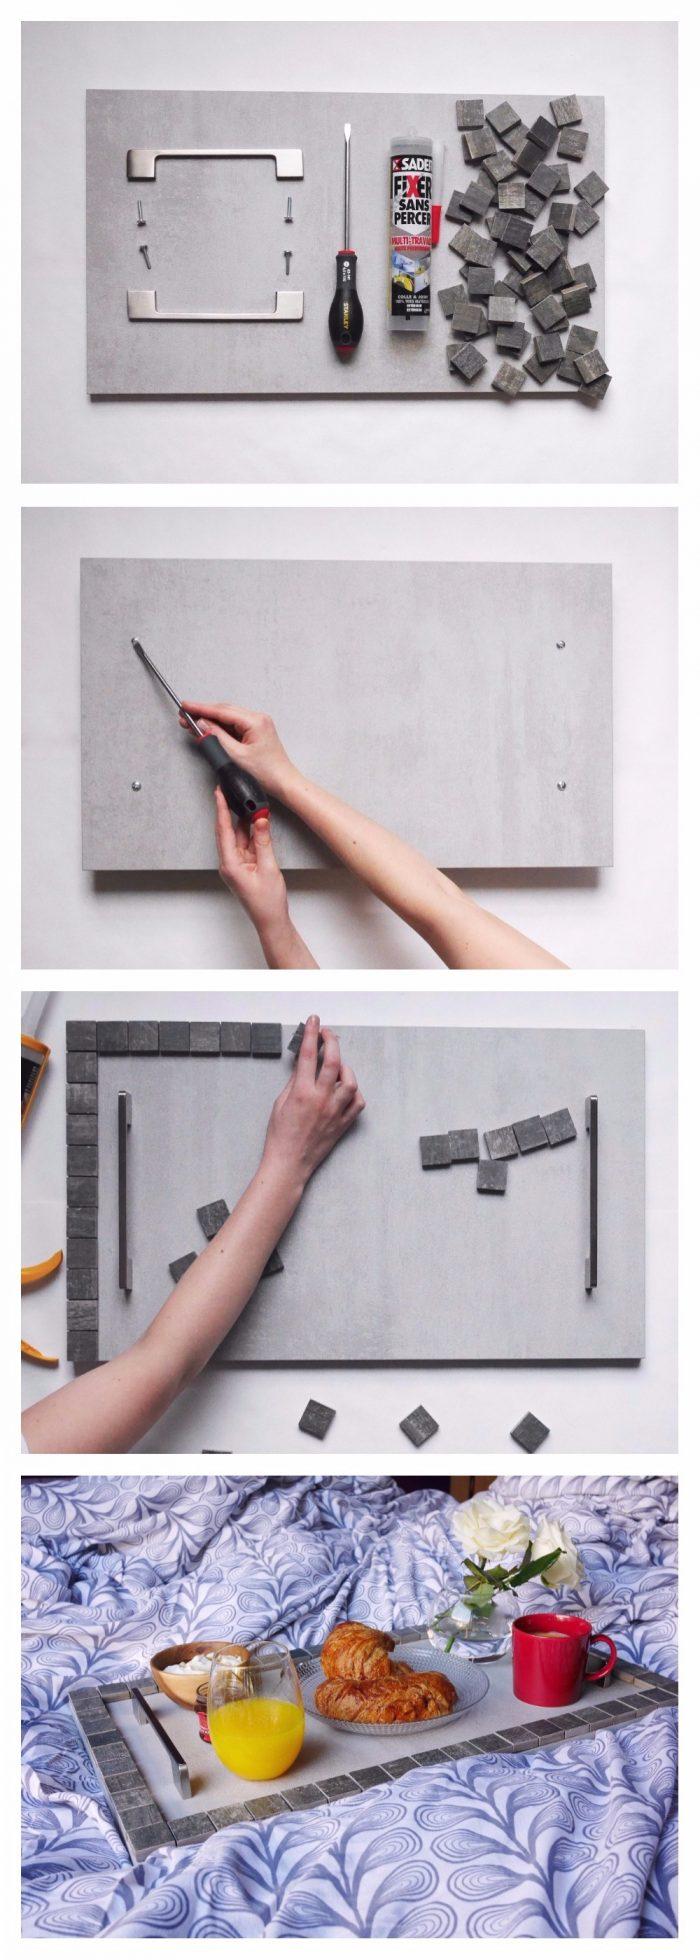 upcycling d tourner un meuble de cuisine pour en faire. Black Bedroom Furniture Sets. Home Design Ideas